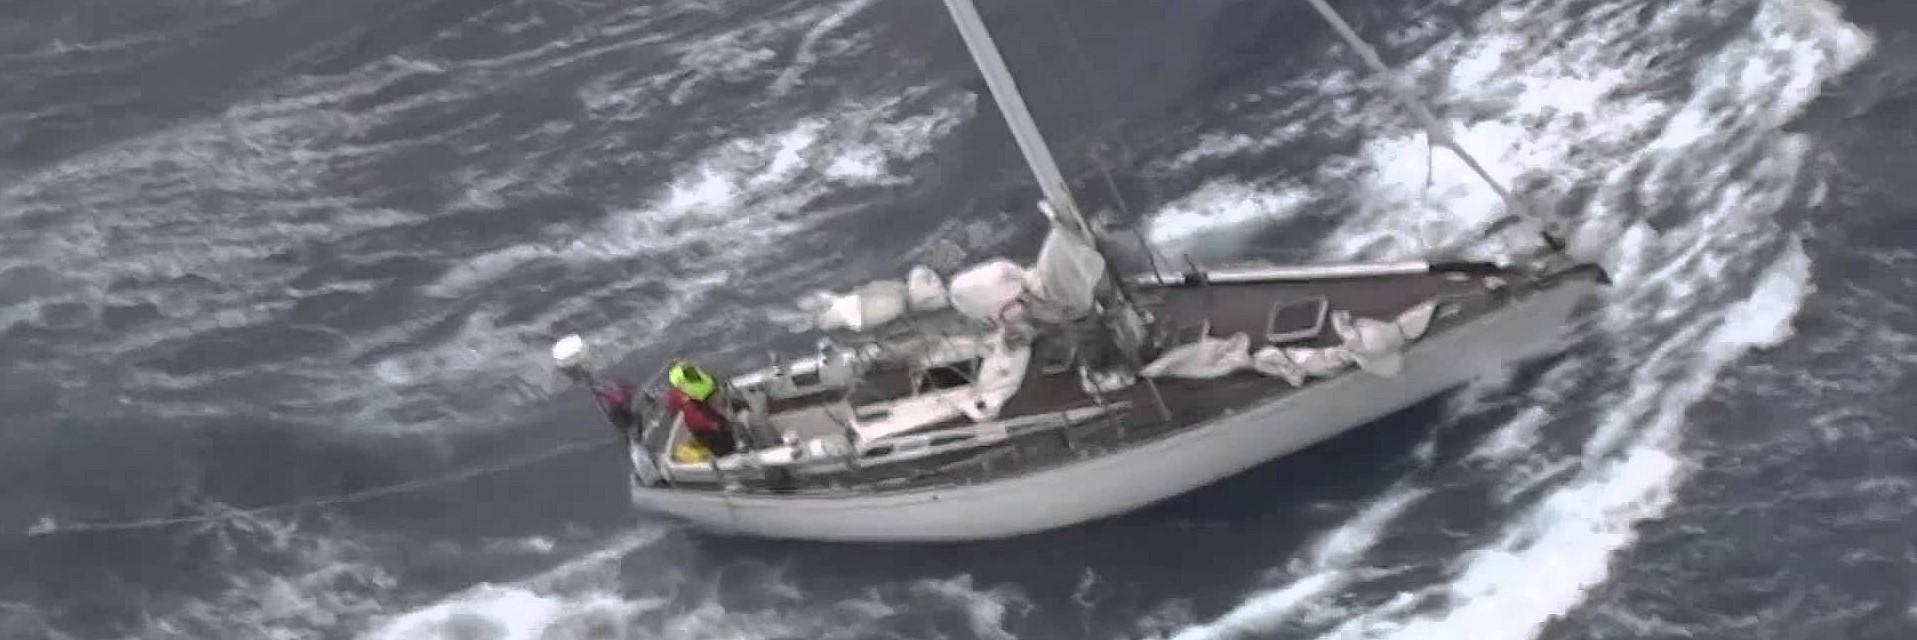 Segelyacht im sturm  Aufgegebene SWAN 44